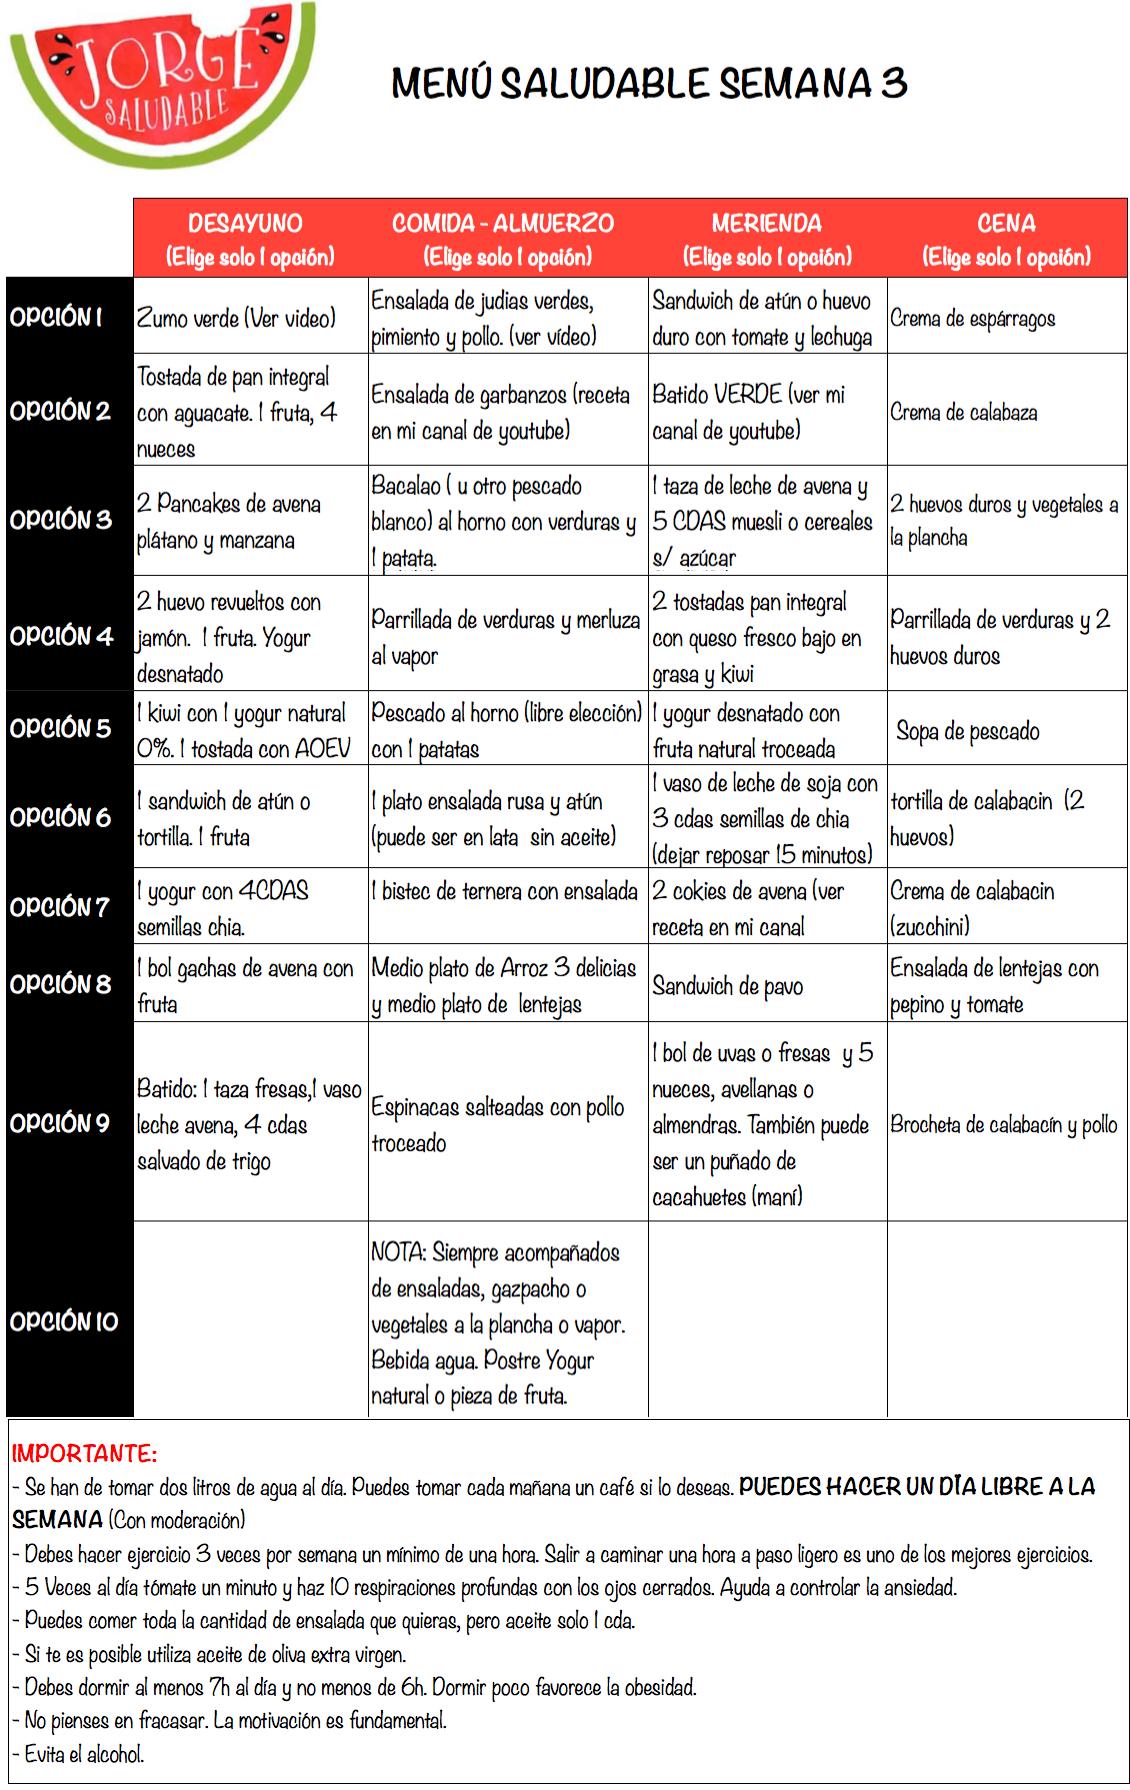 menu para adelgazar - SEM 3